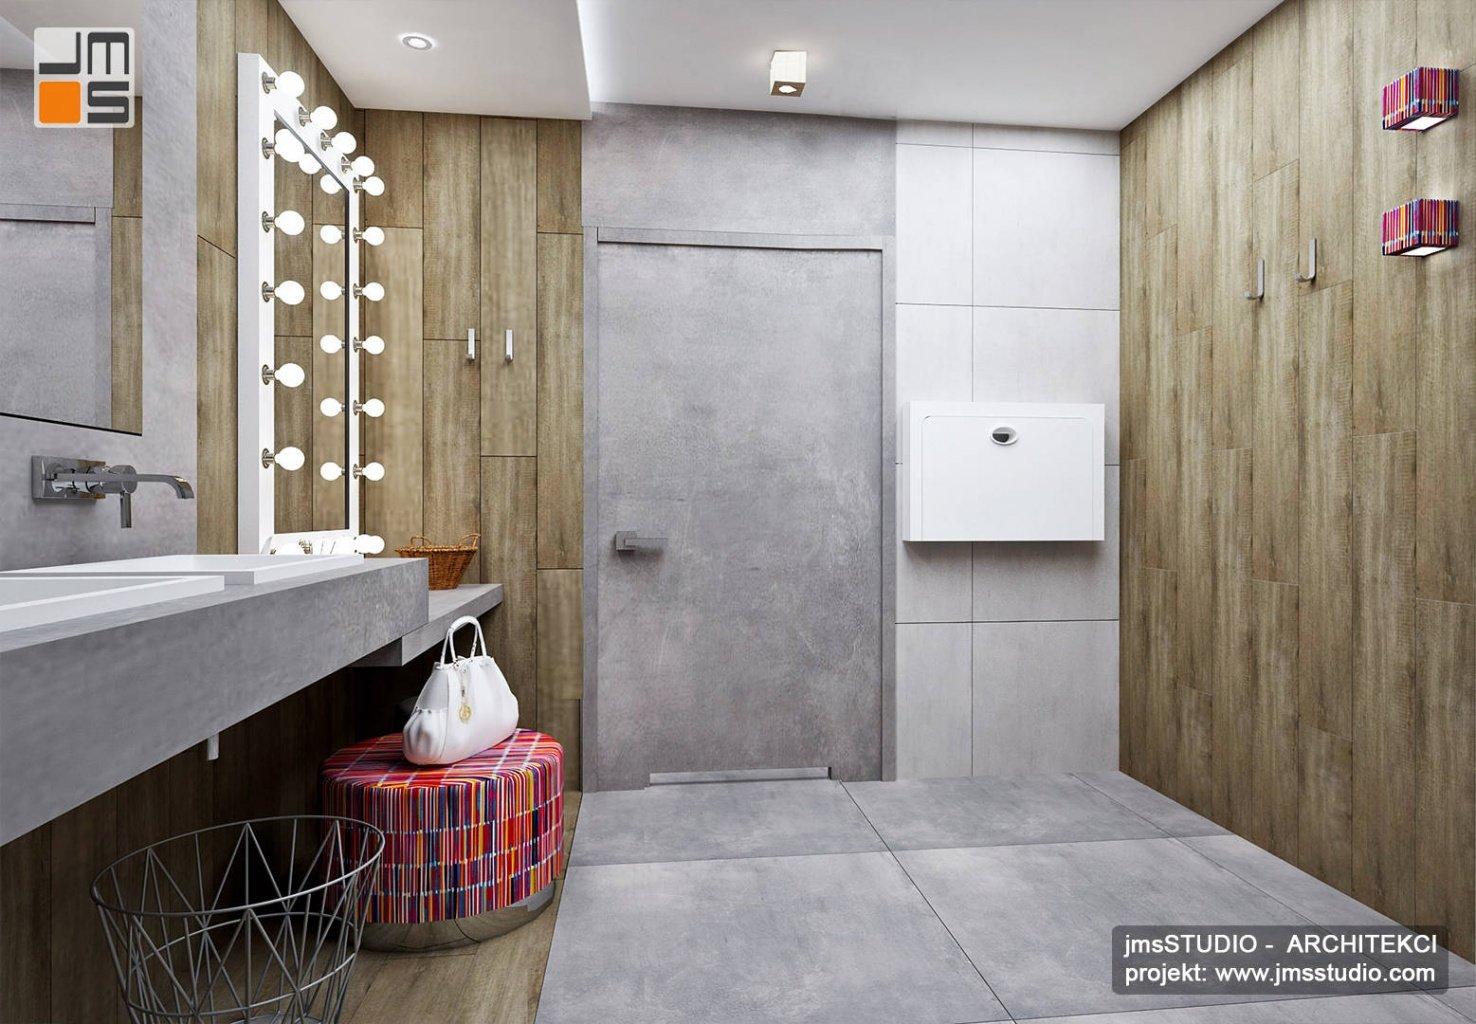 dekoracyjne oświetlenie w projekcie wnętrz toalety w restauracji - projekt oświetlenia i projekt wnętrz restauracji